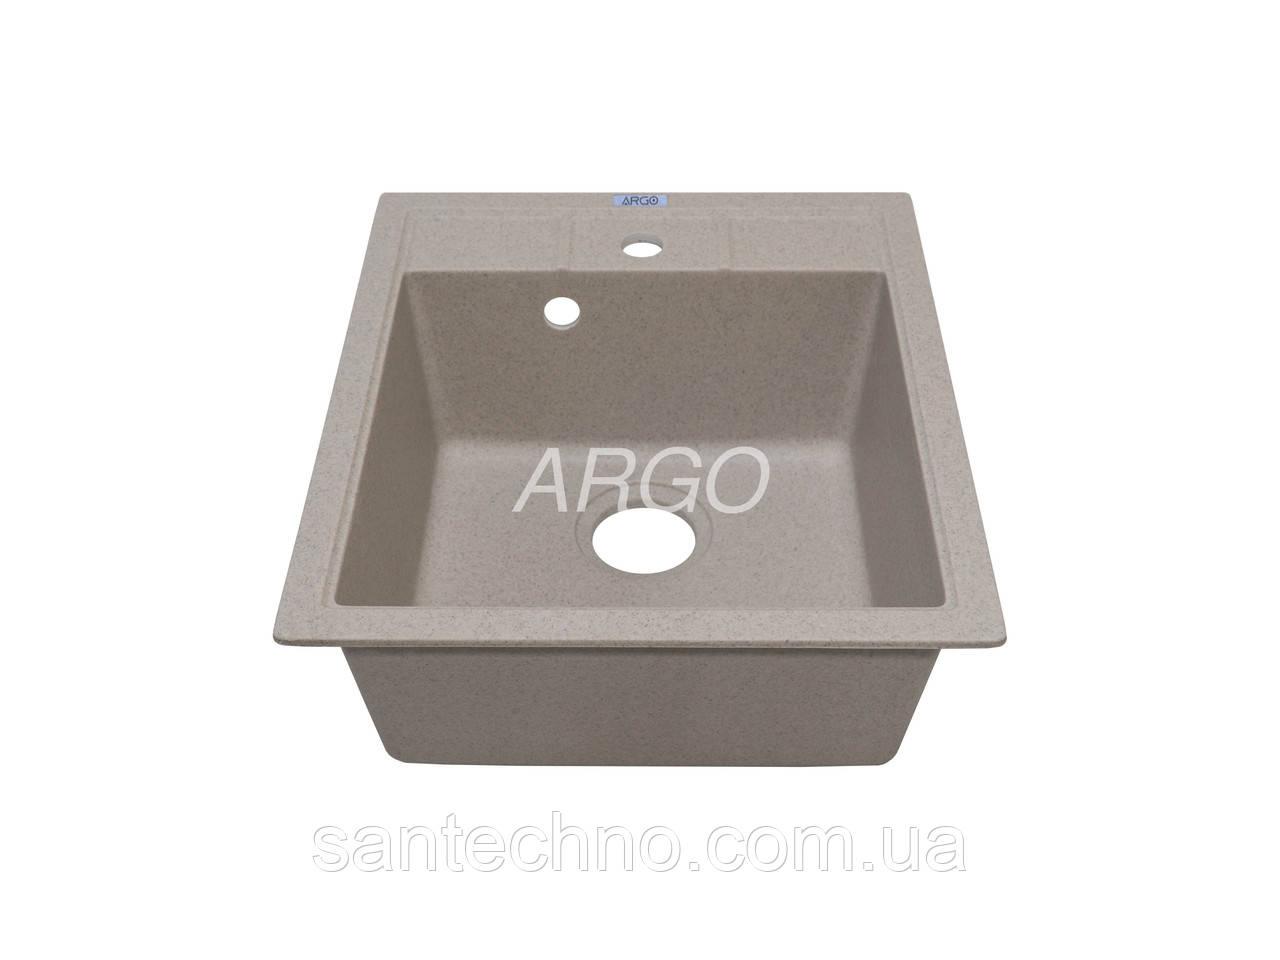 Прямоугольная одночашевая гранитная мойка Argo Bella Terra 460*515*200